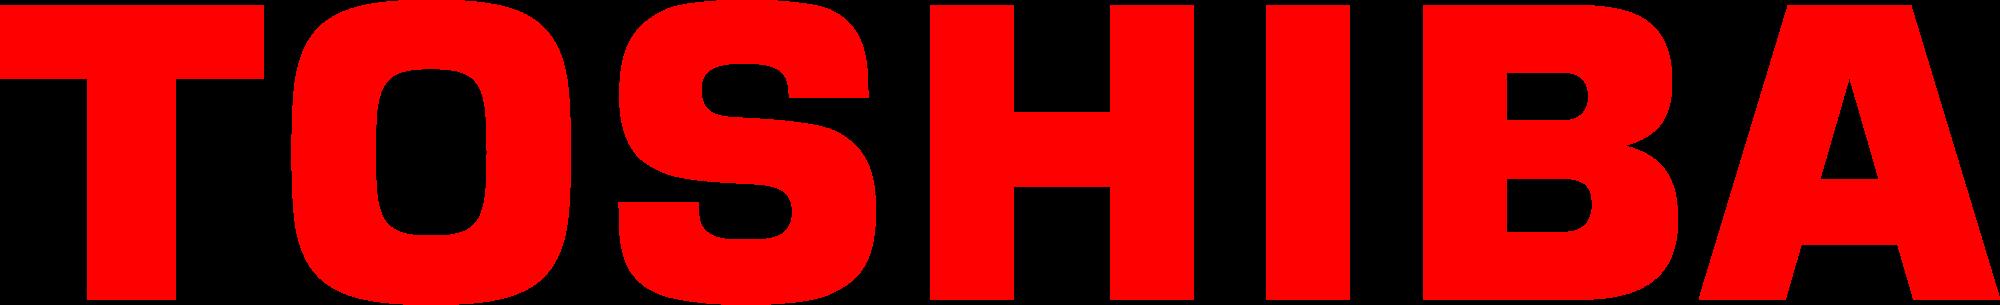 Toshiba_logo.svg.png